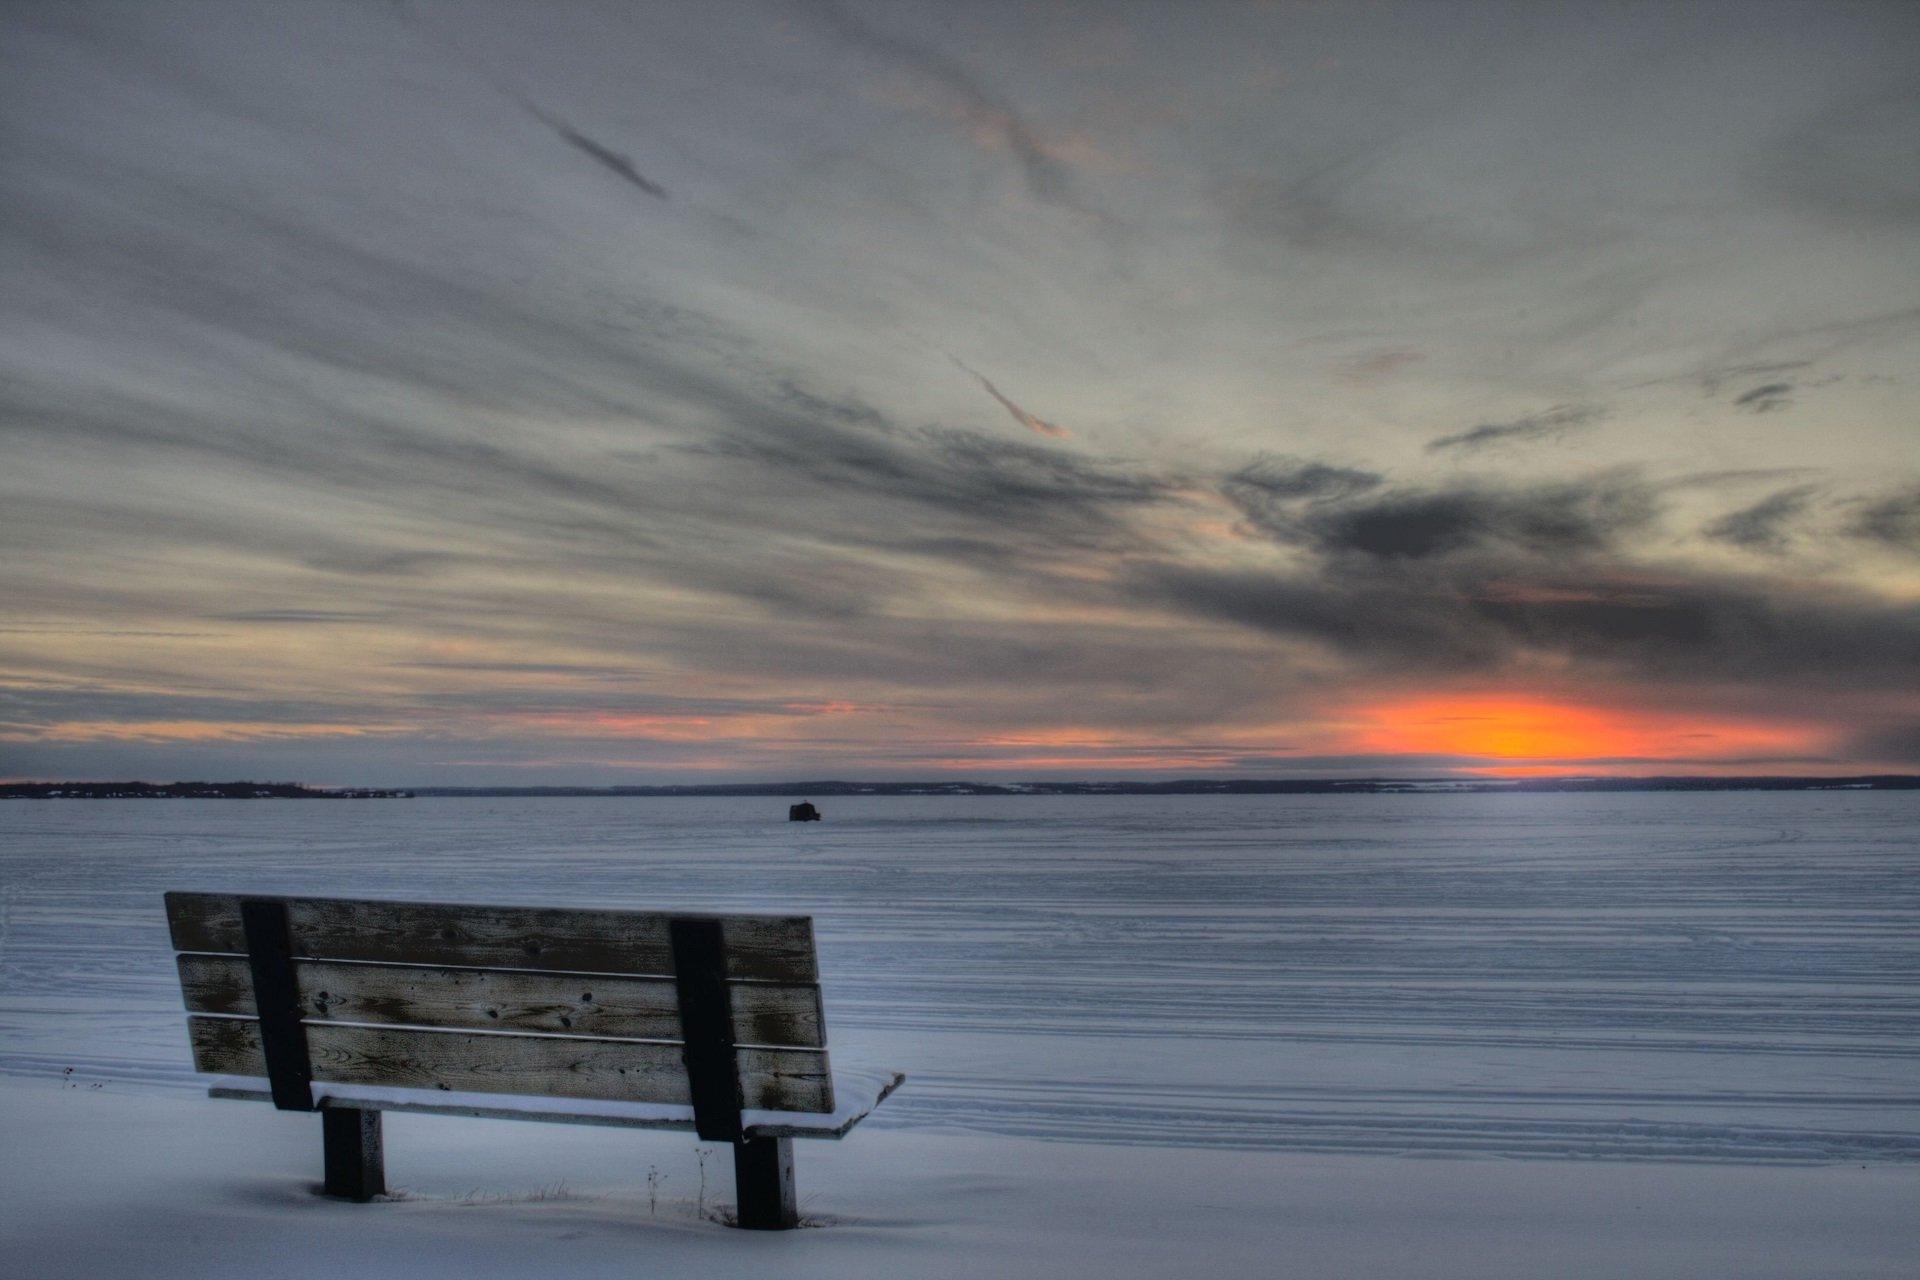 sunrise-1400639